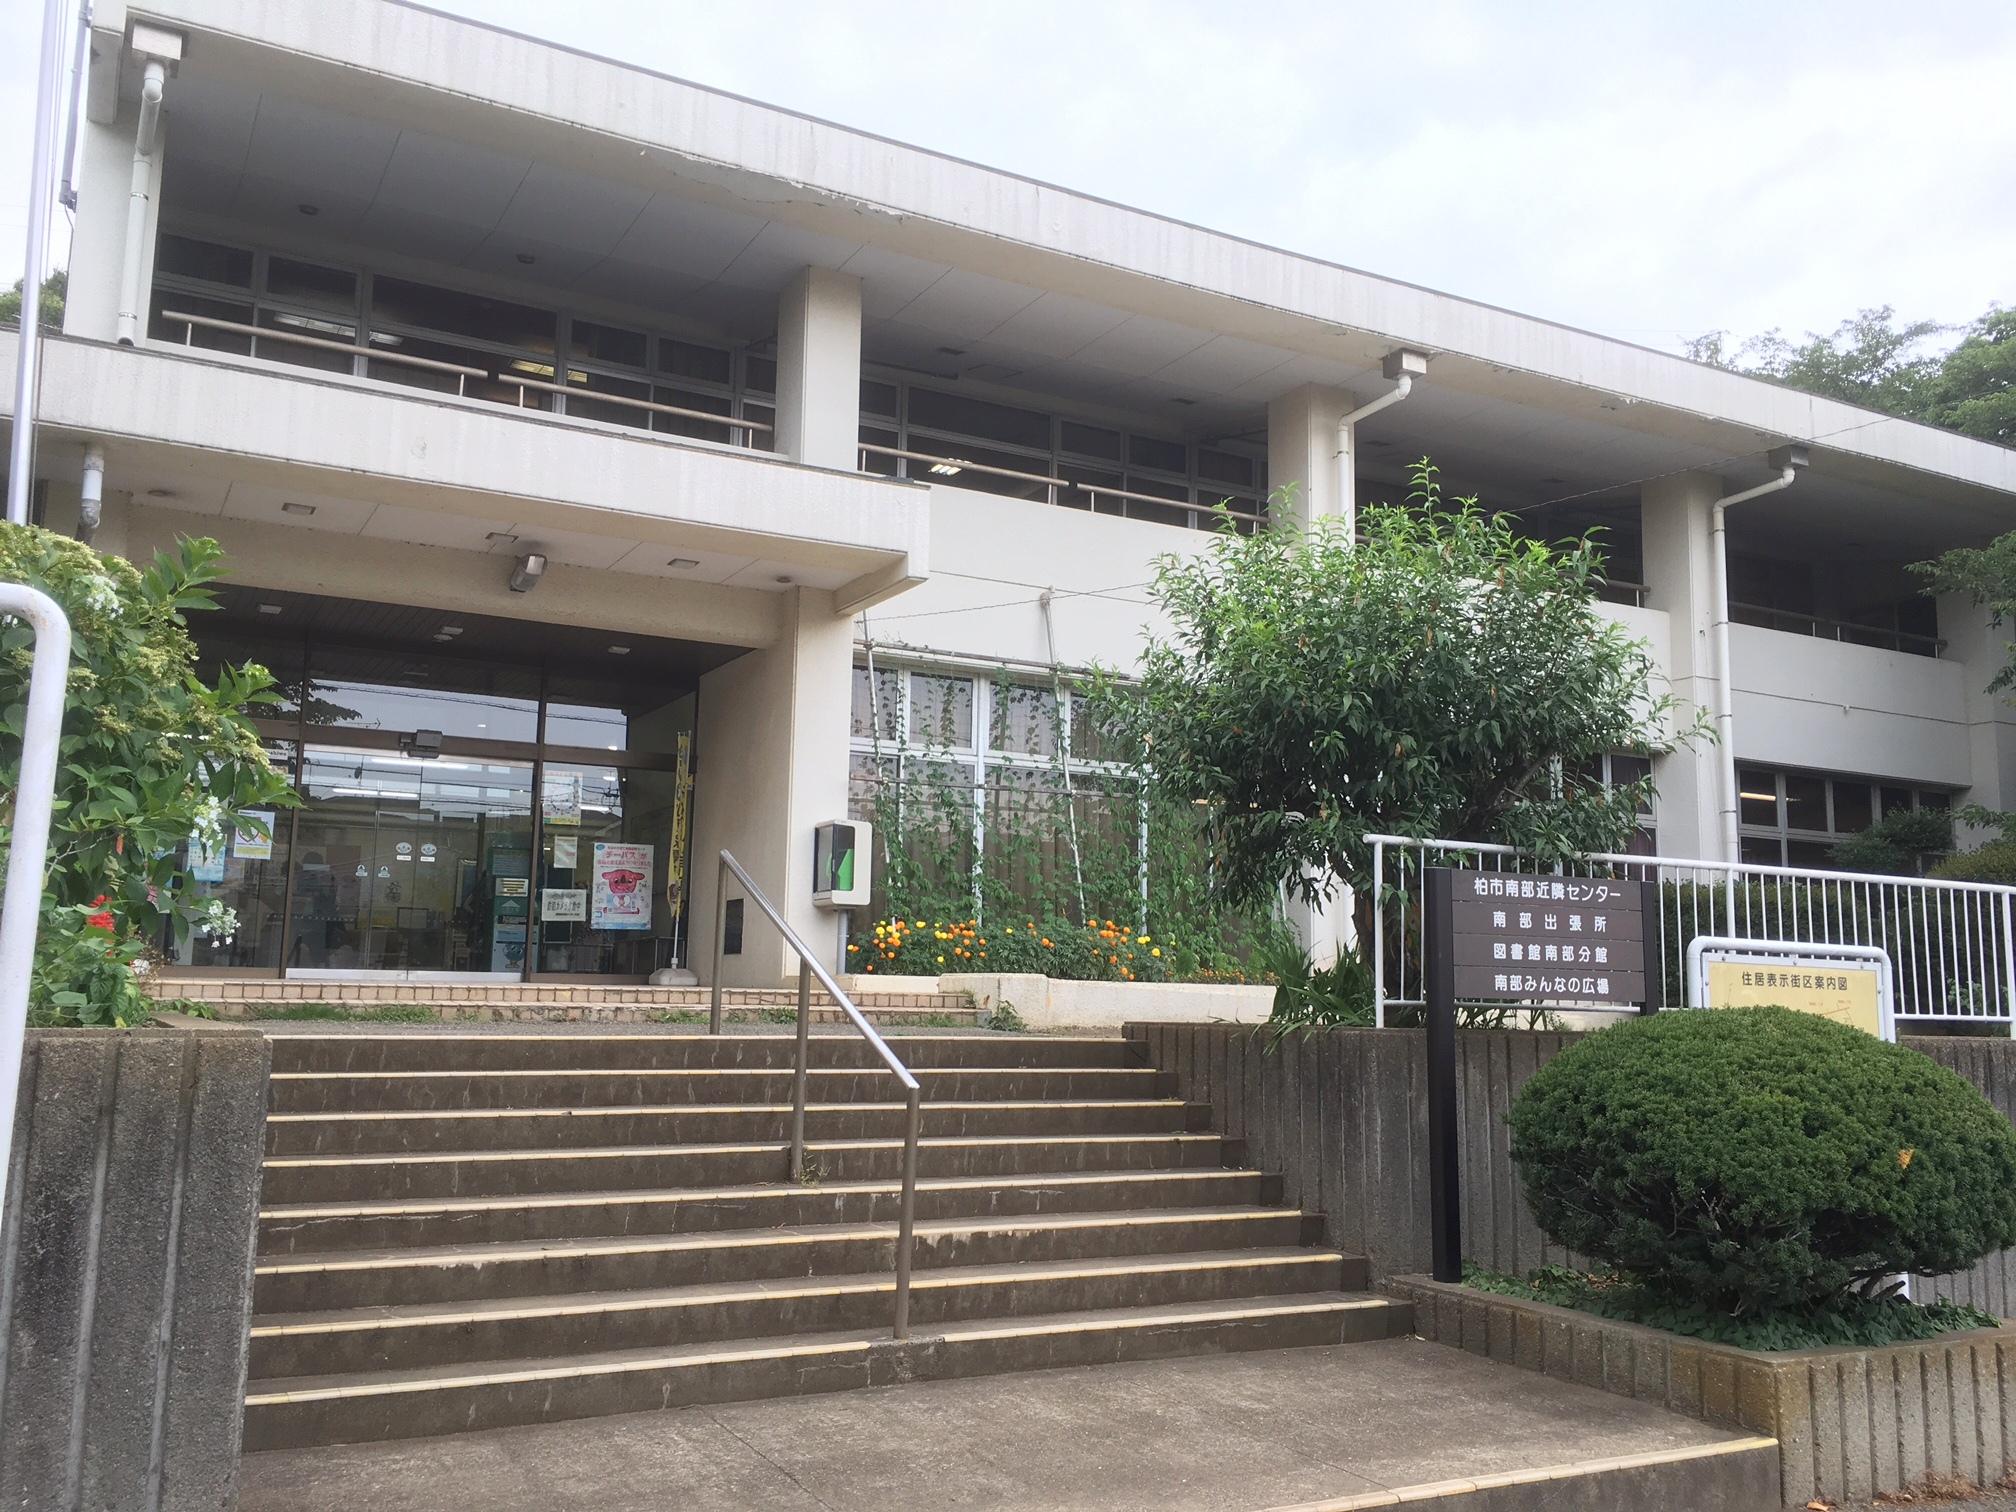 図書館:柏市立図書館南部分館 1476m